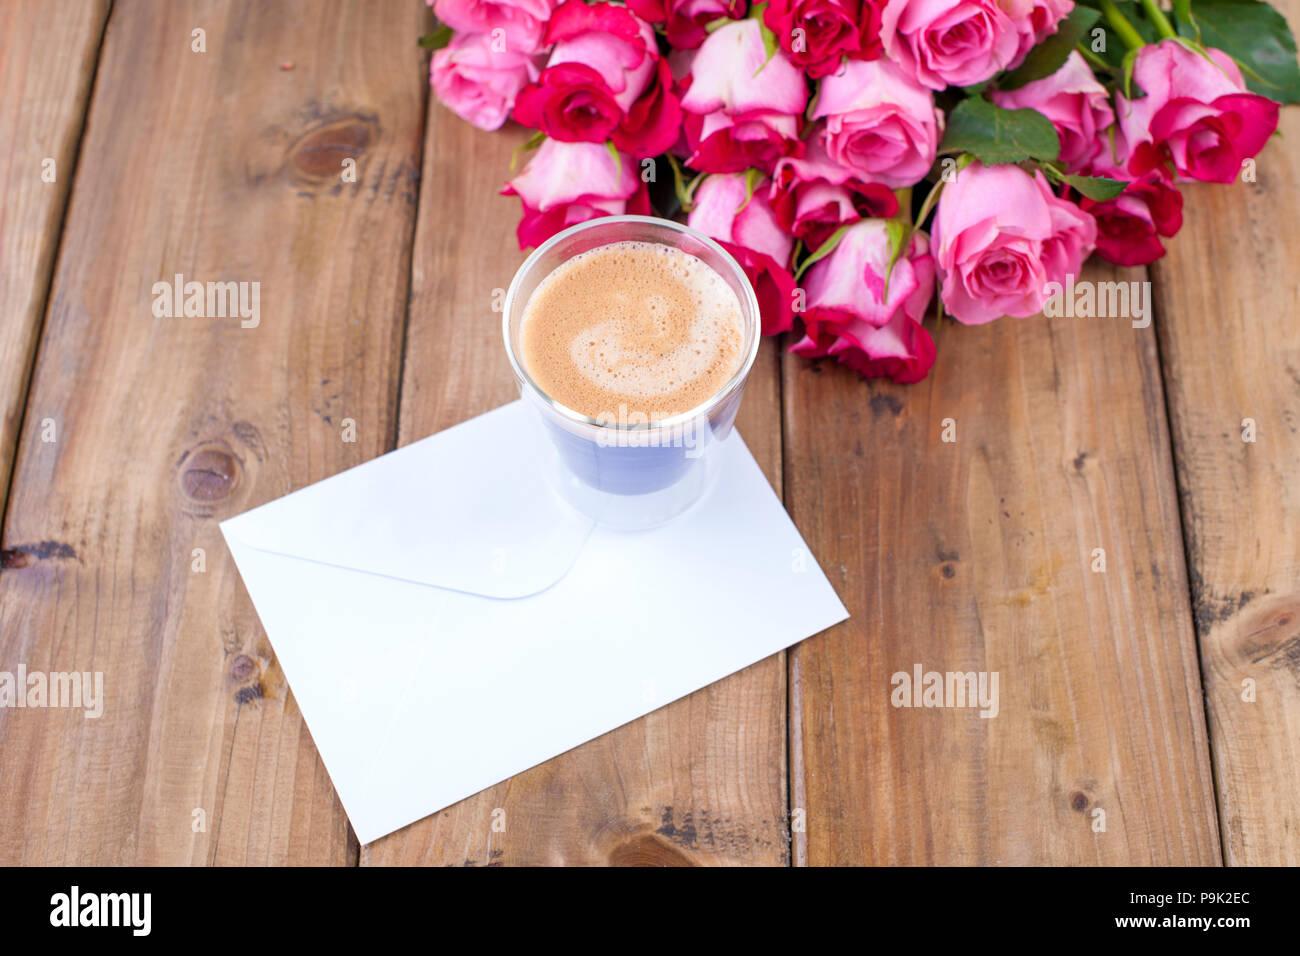 Ein Strauß frischer Rosen und ein Glas Espresso. Holz- Hintergrund. Freier Platz für Text oder Postkarten. Weißen Umschlag für das Schreiben. Stockbild